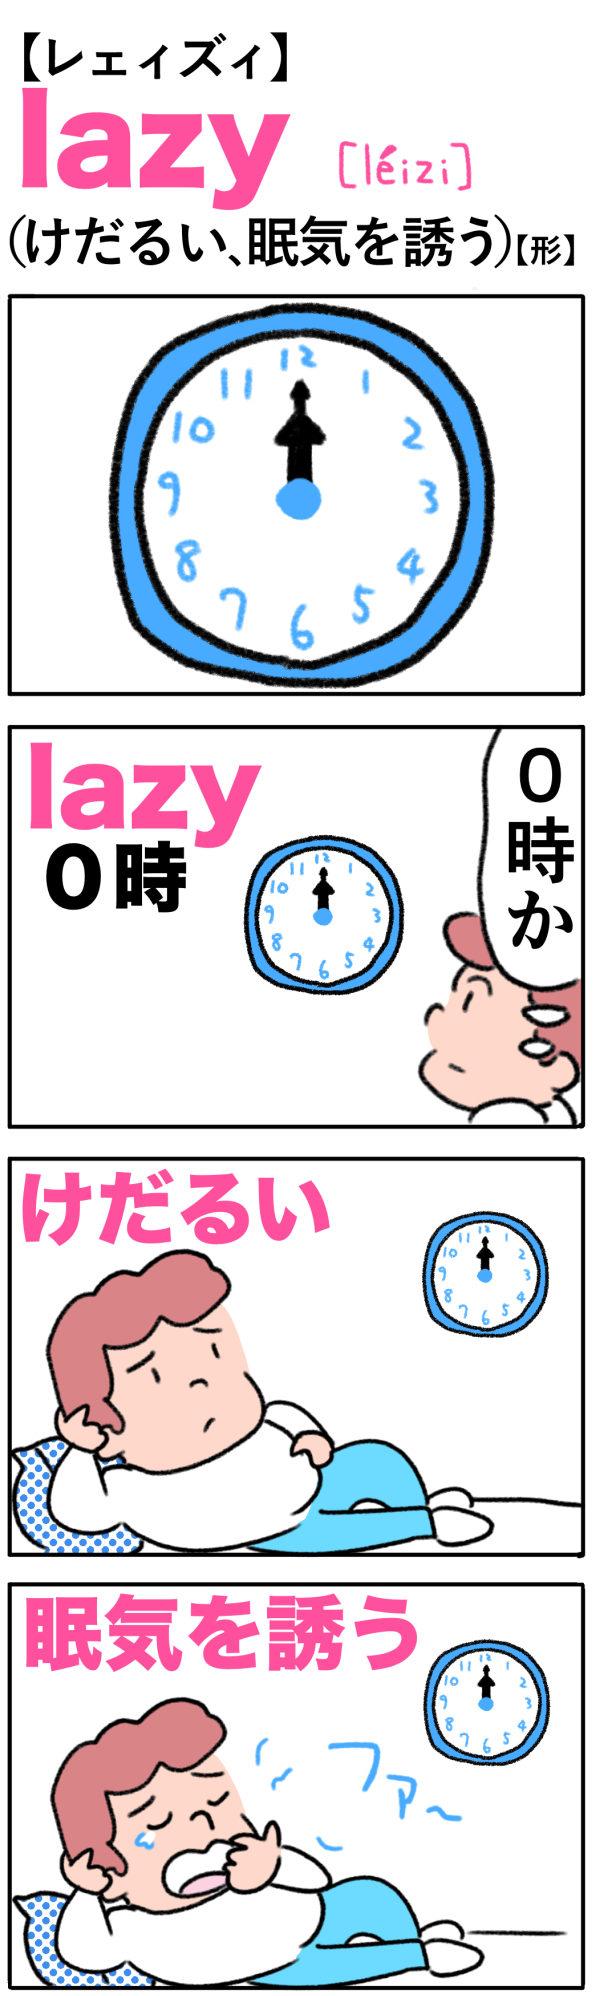 lazy(けだるい、眠気を誘う)の語呂合わせ英単語